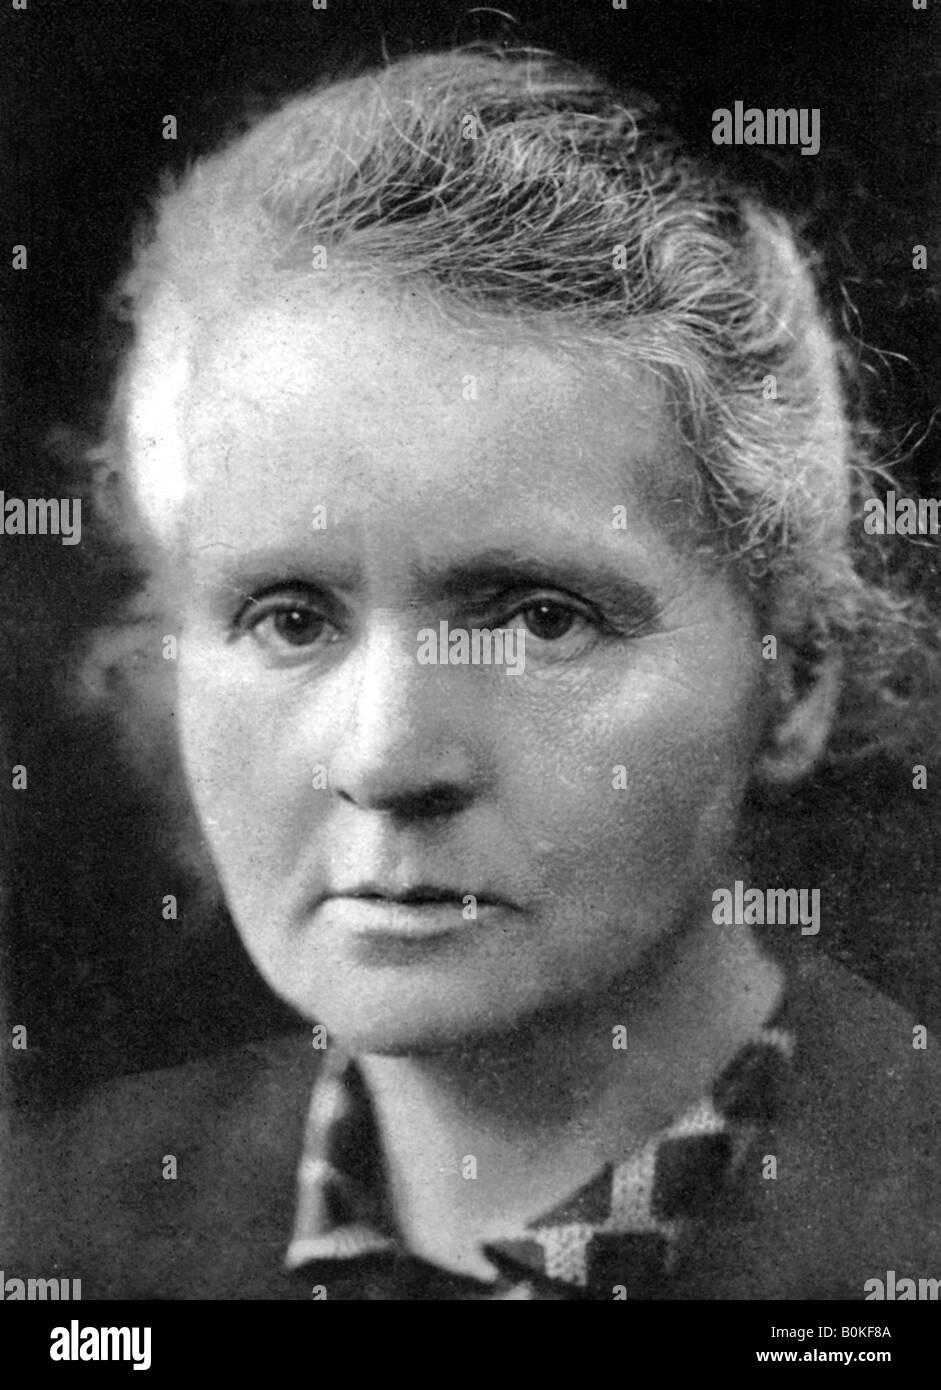 Marie Curie (1867-1934), Polen geborenen französischen Physiker, 1926. Stockfoto